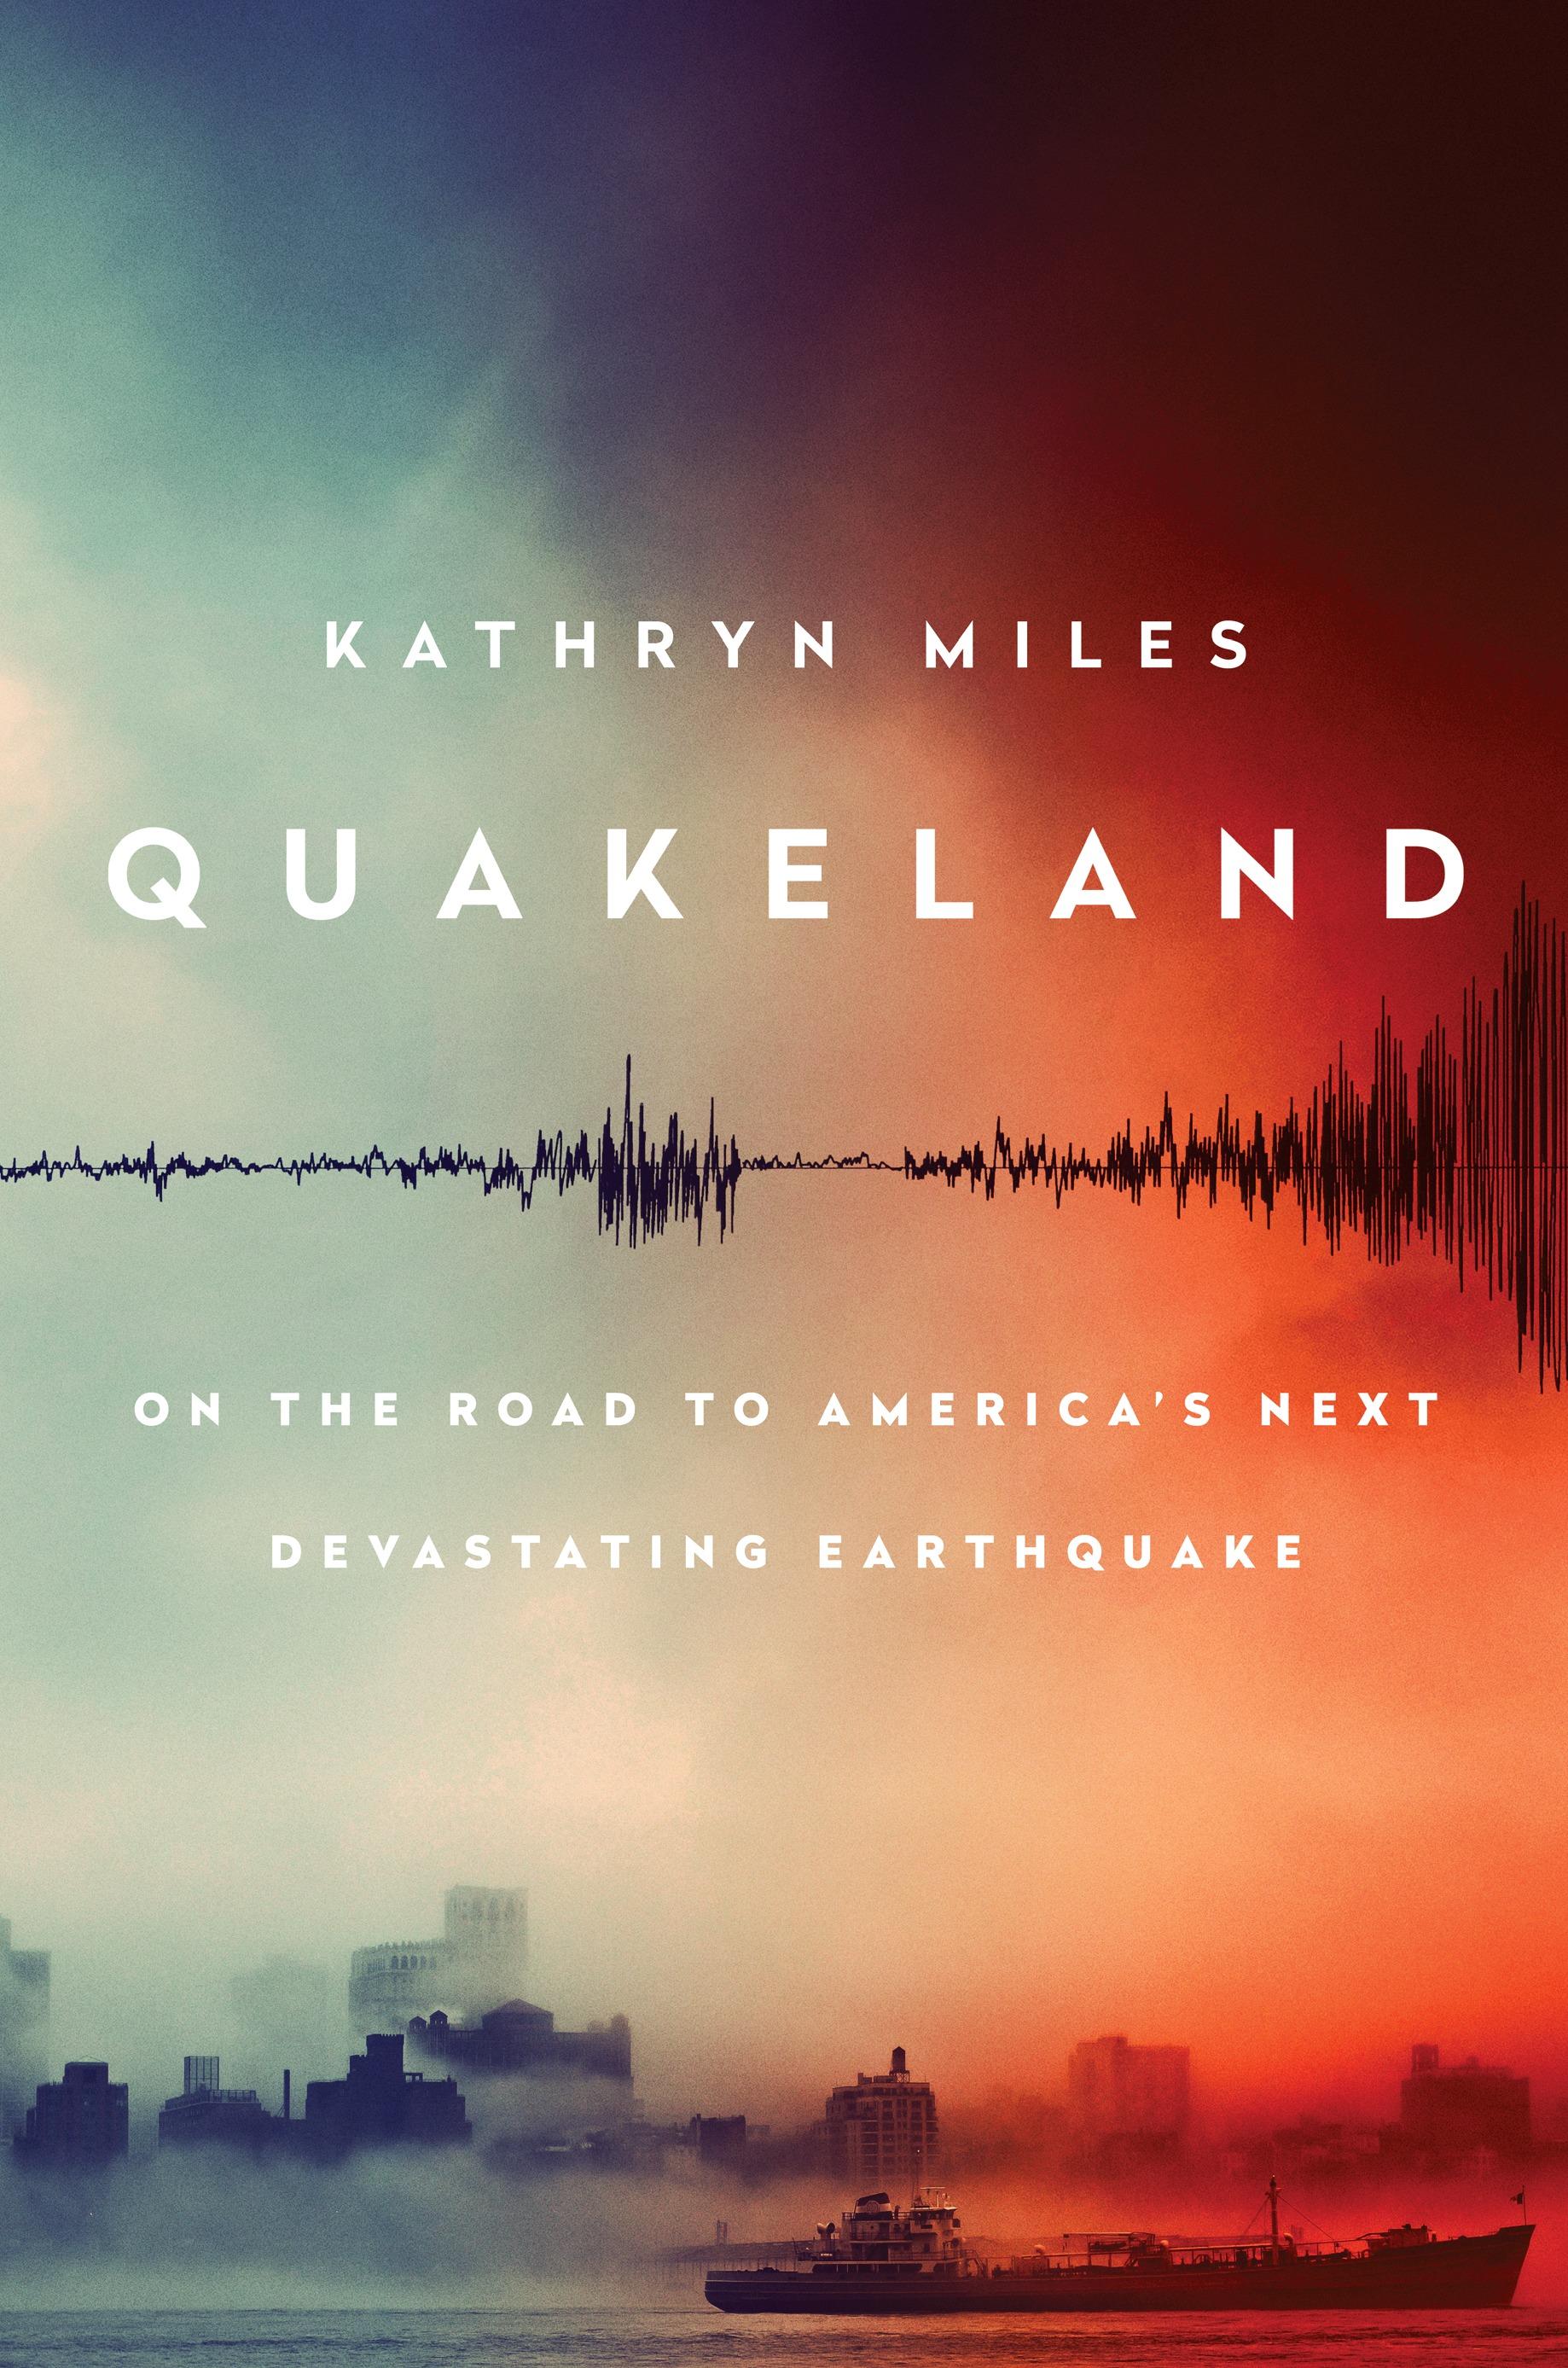 Quakeland cover.jpg